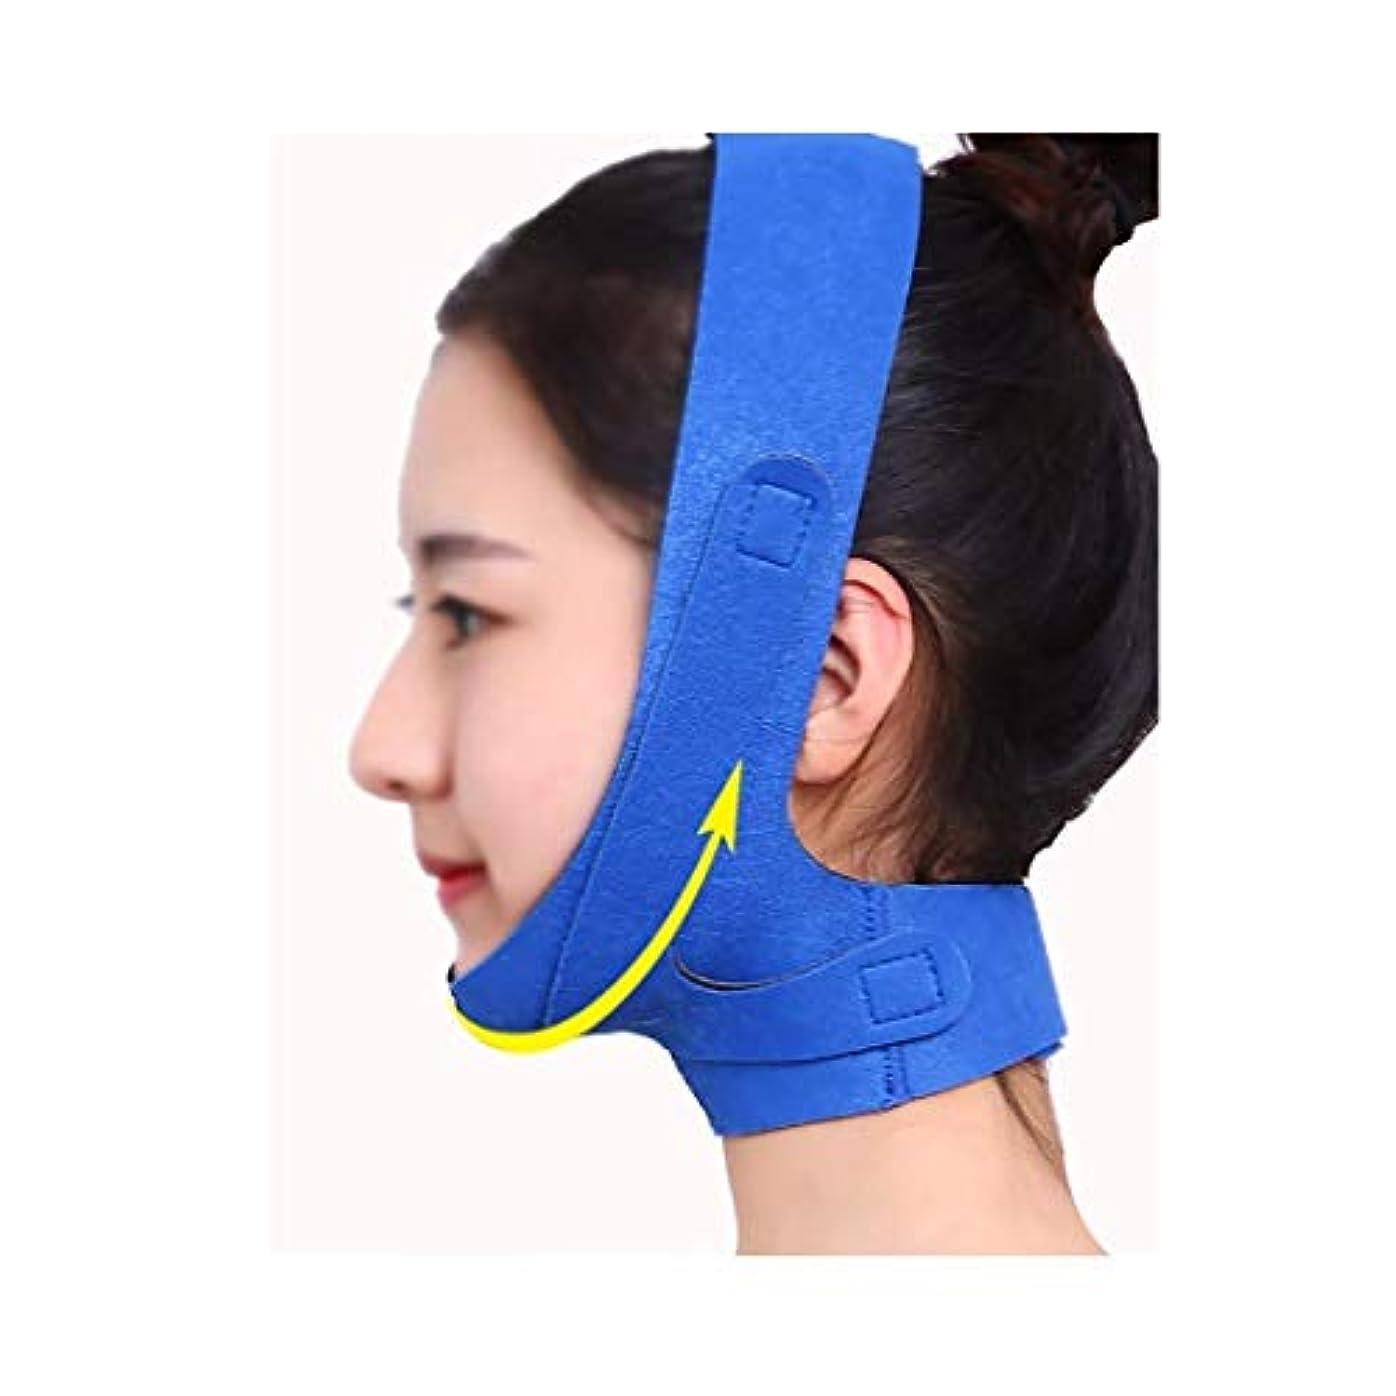 標準悲観的シャッターフェイスリフトマスク、チンストラップの回復の包帯の睡眠の薄い顔の包帯の薄いフェイスマスクフェイスリフトの美のマスクの包帯の青いフェイスマスクが付いている小さいVの顔を高めるフェイスリフトのアーティファクト